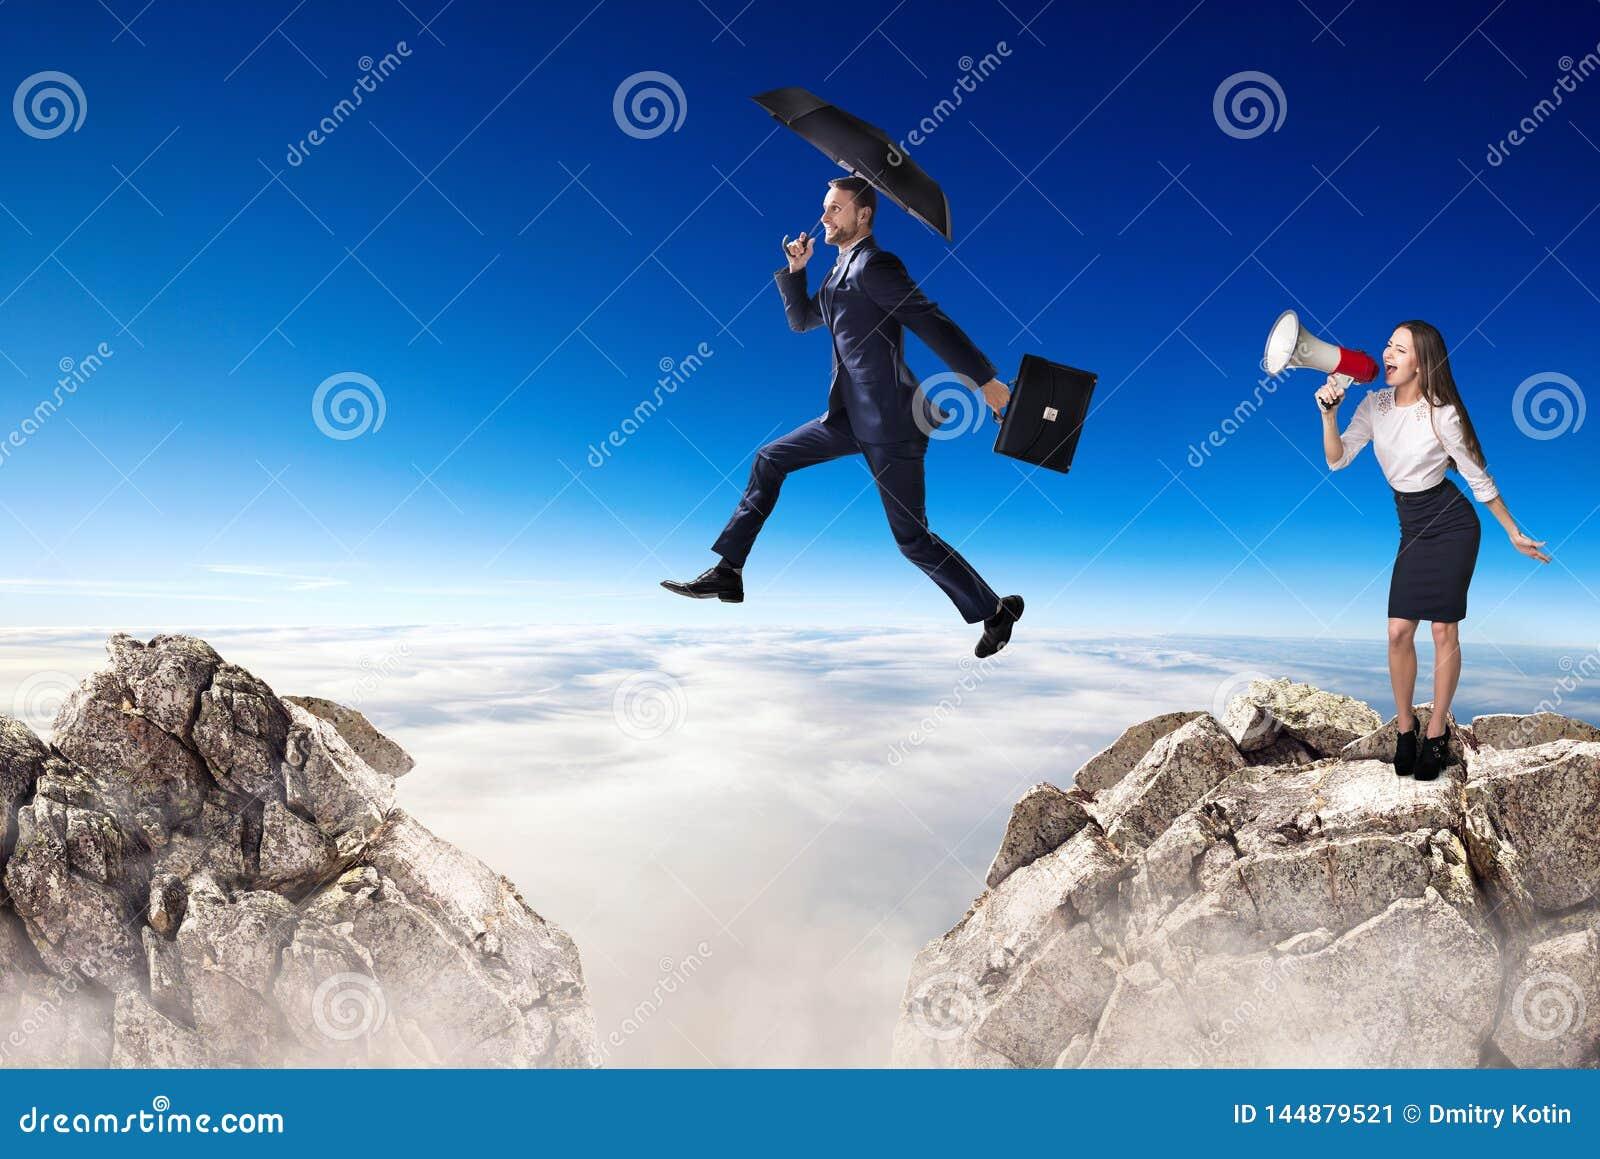 Бизнесмен скача над скалой и коллегой веселит с портативным магнитофоном